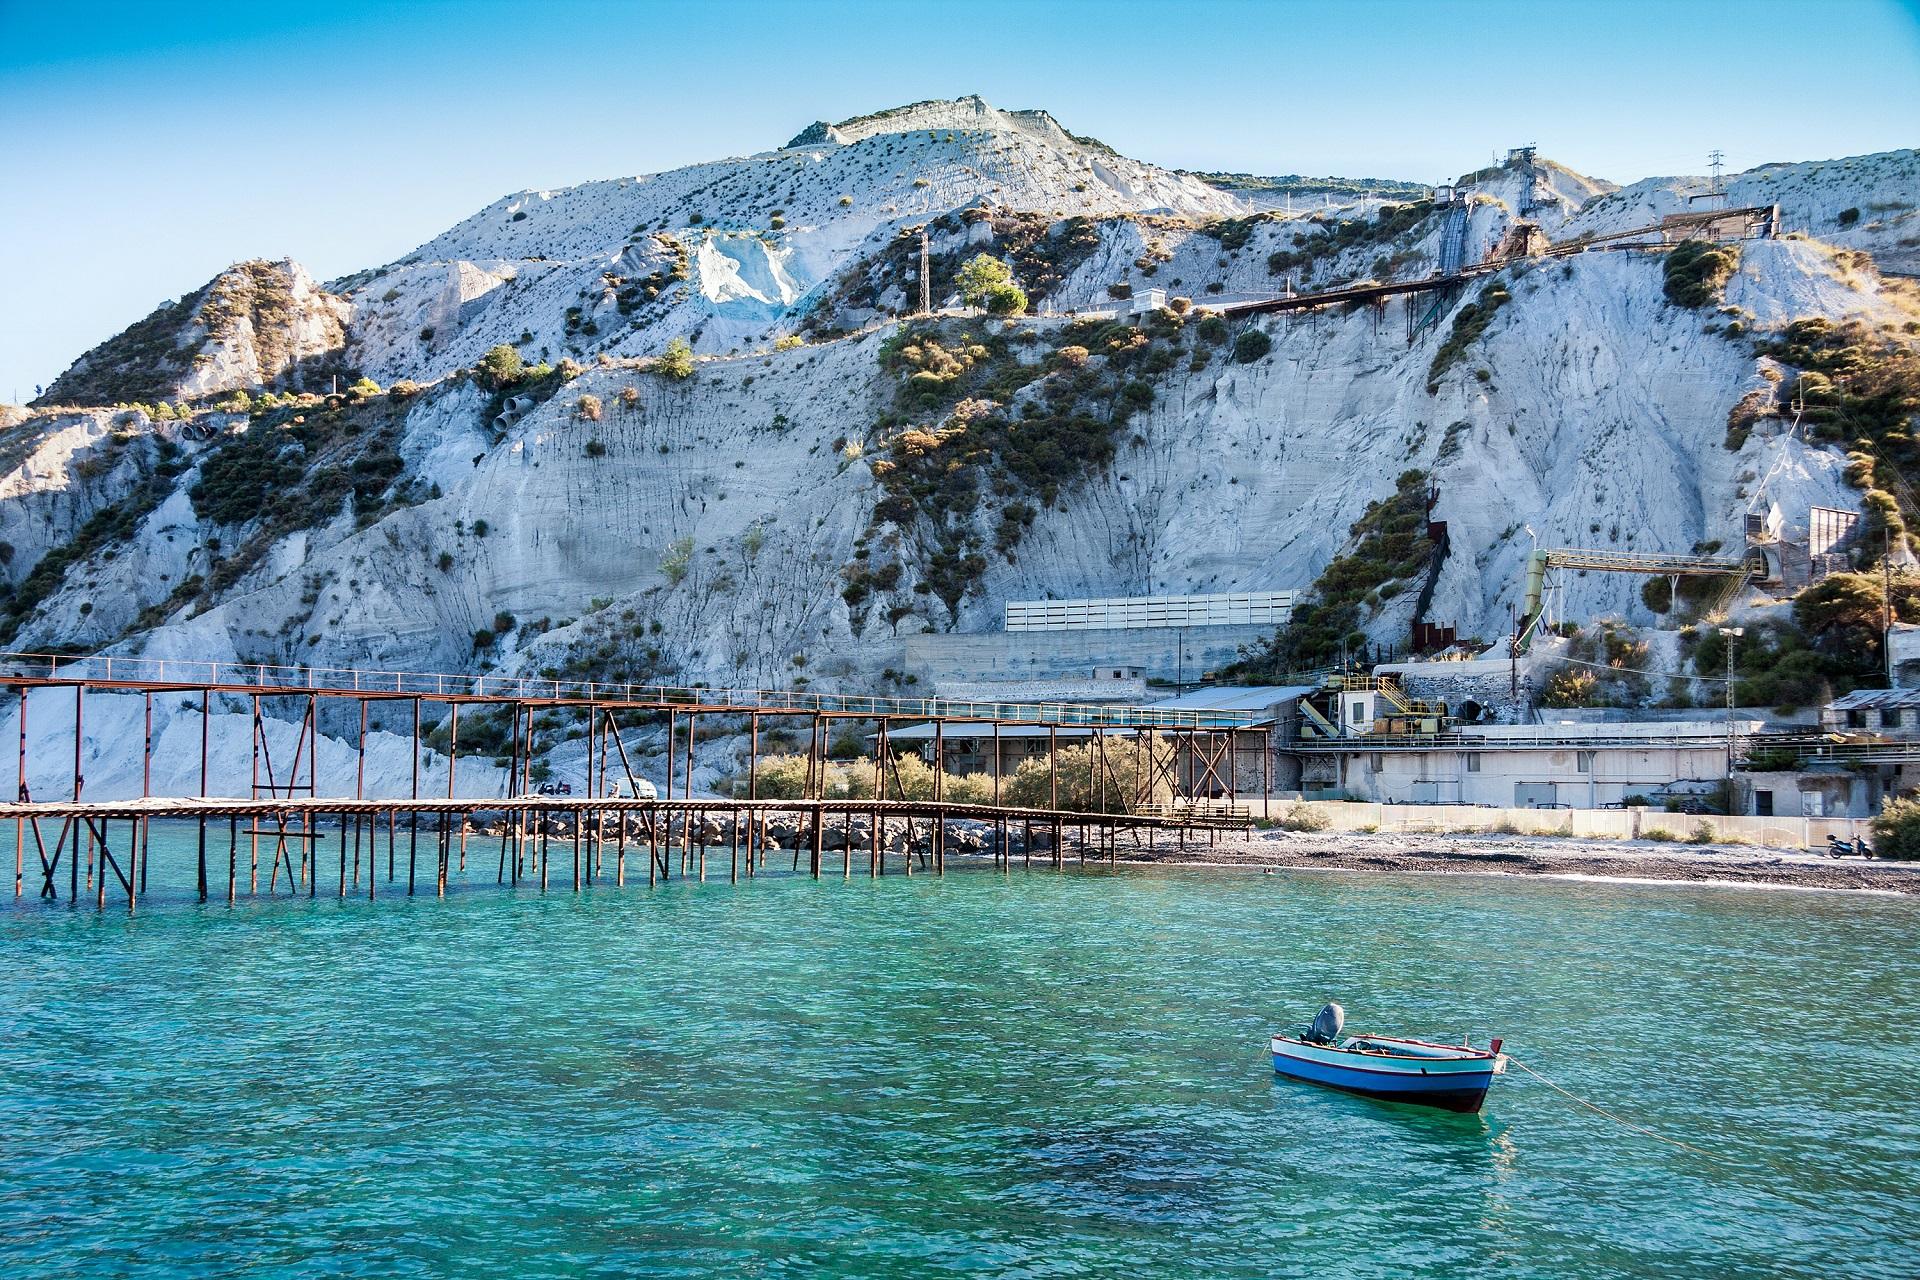 Die Küste von Lipari besteht aus weißem Gestein, das türkise Meer zu Füßen.